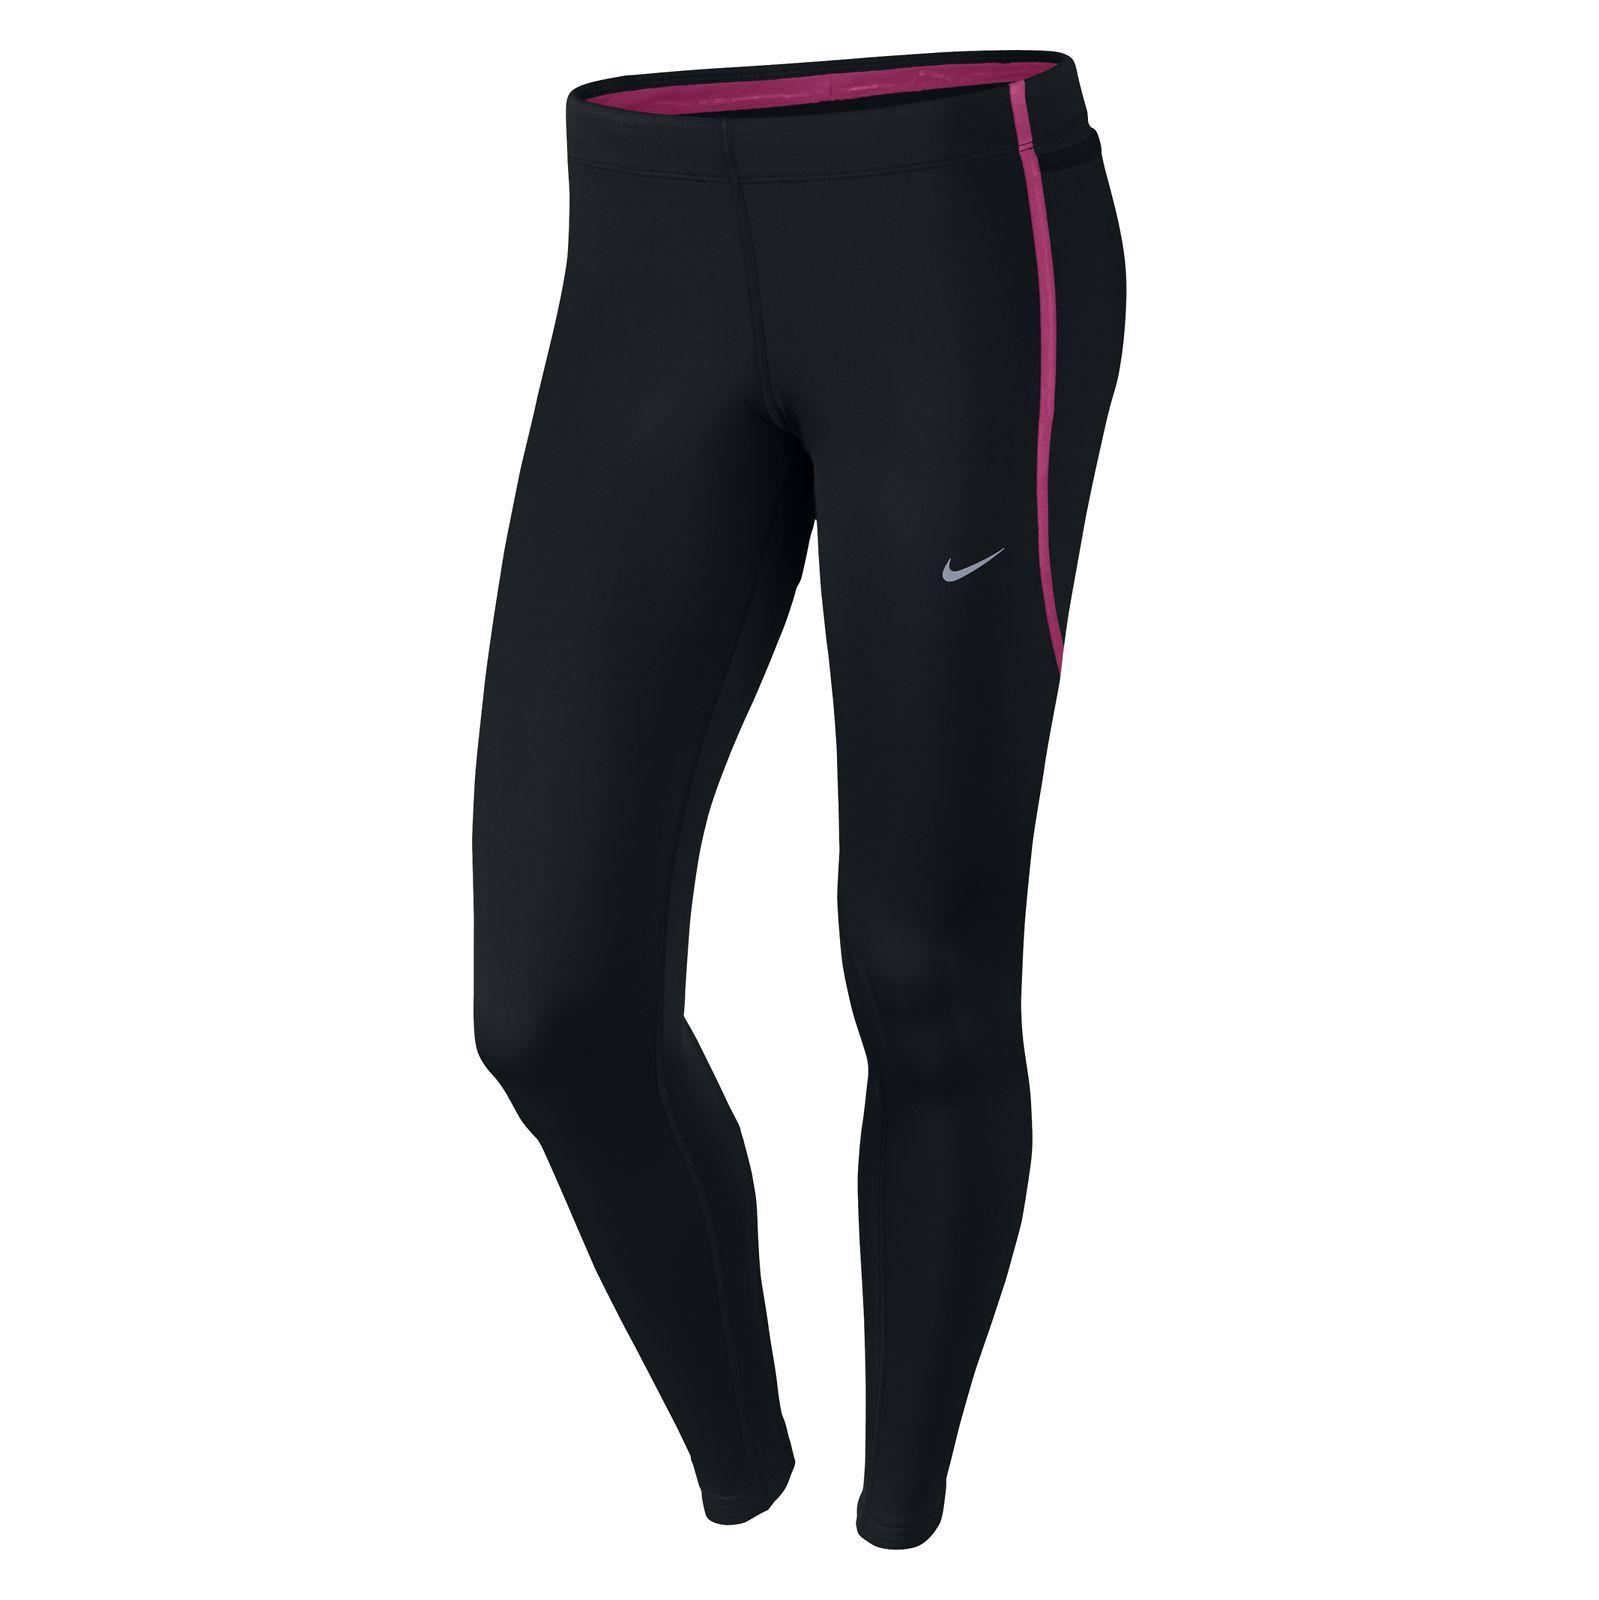 Spodnie Nike Tech Tights W 645599